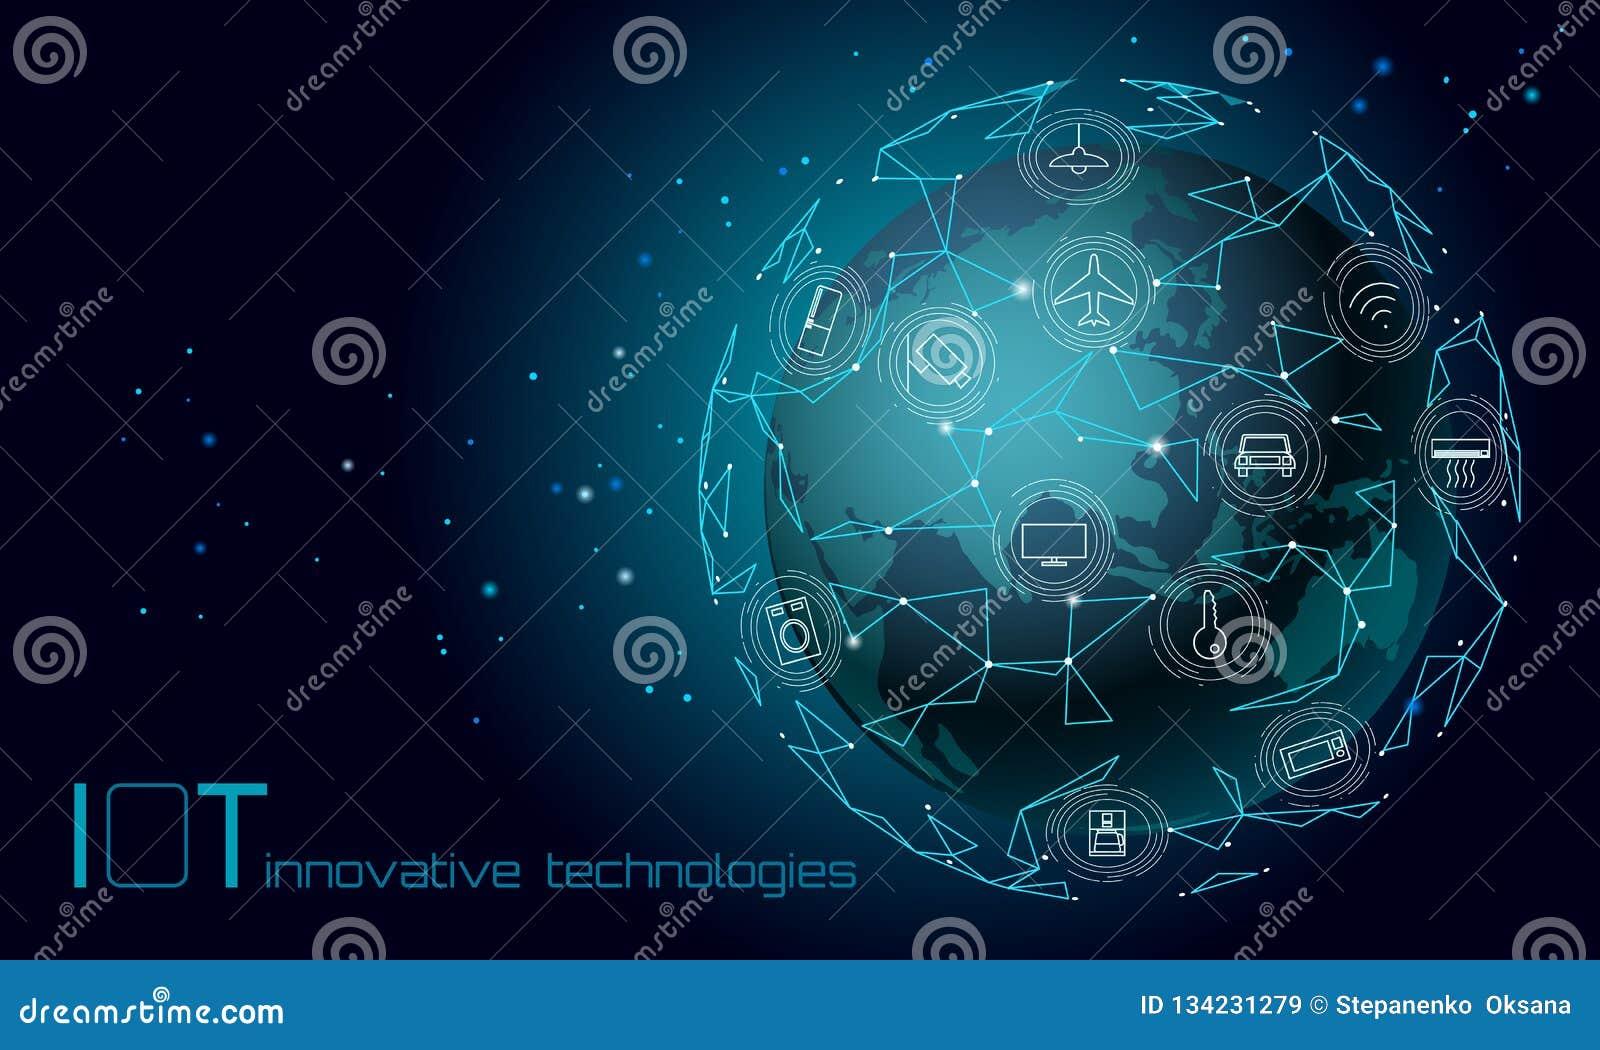 Ήπειρος Διαδίκτυο της Ασίας πλανήτη Γη της έννοιας τεχνολογίας καινοτομίας εικονιδίων πραγμάτων Ασύρματο δίκτυο επικοινωνίας IOT